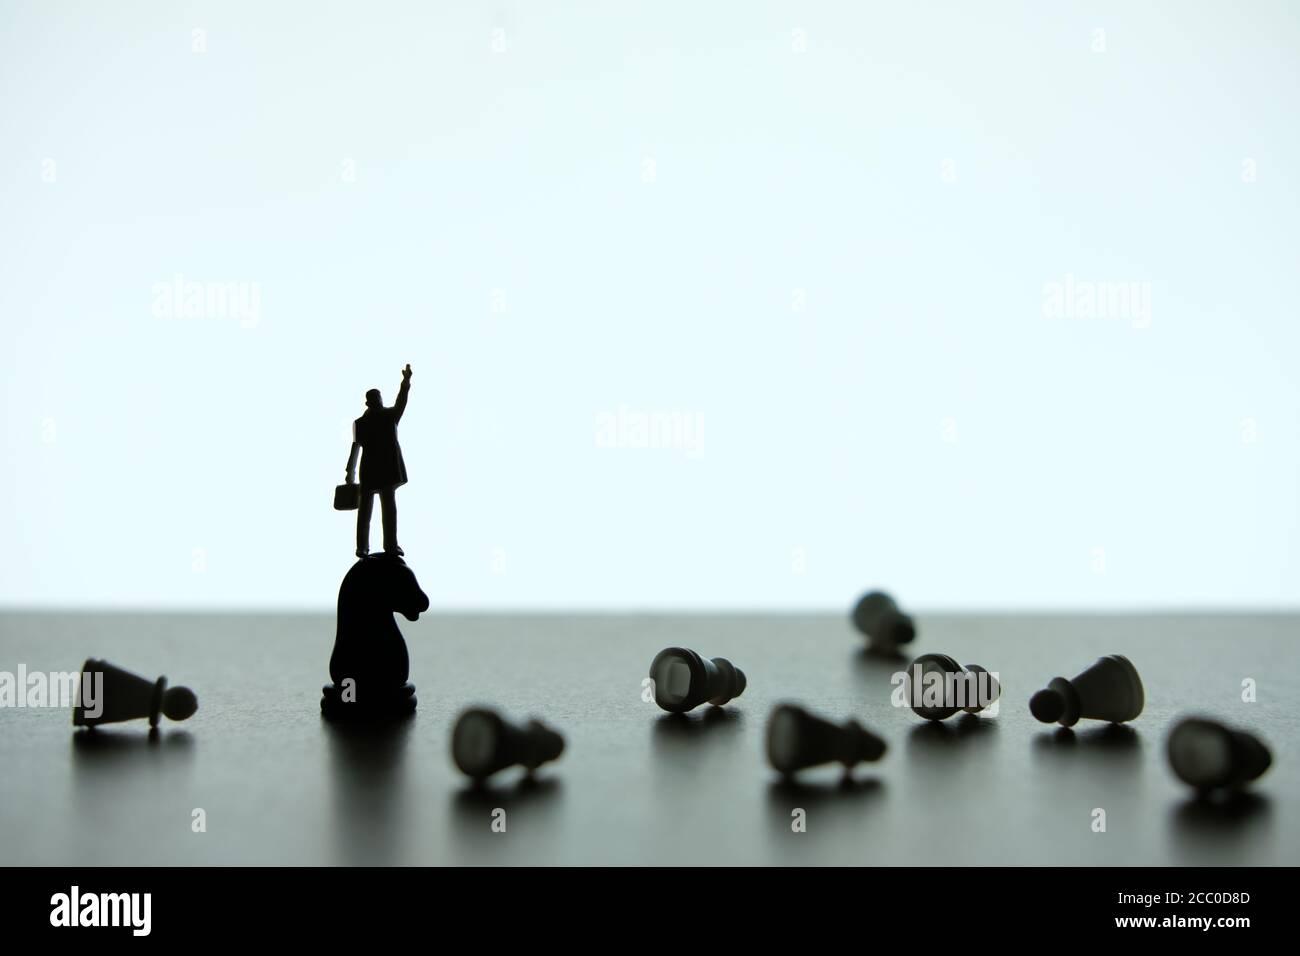 Photo conceptuelle de stratégie d'affaires - Silhouette d'homme d'affaires miniature pointant à l'envers, debout sur un morceau de cheval d'échecs Banque D'Images